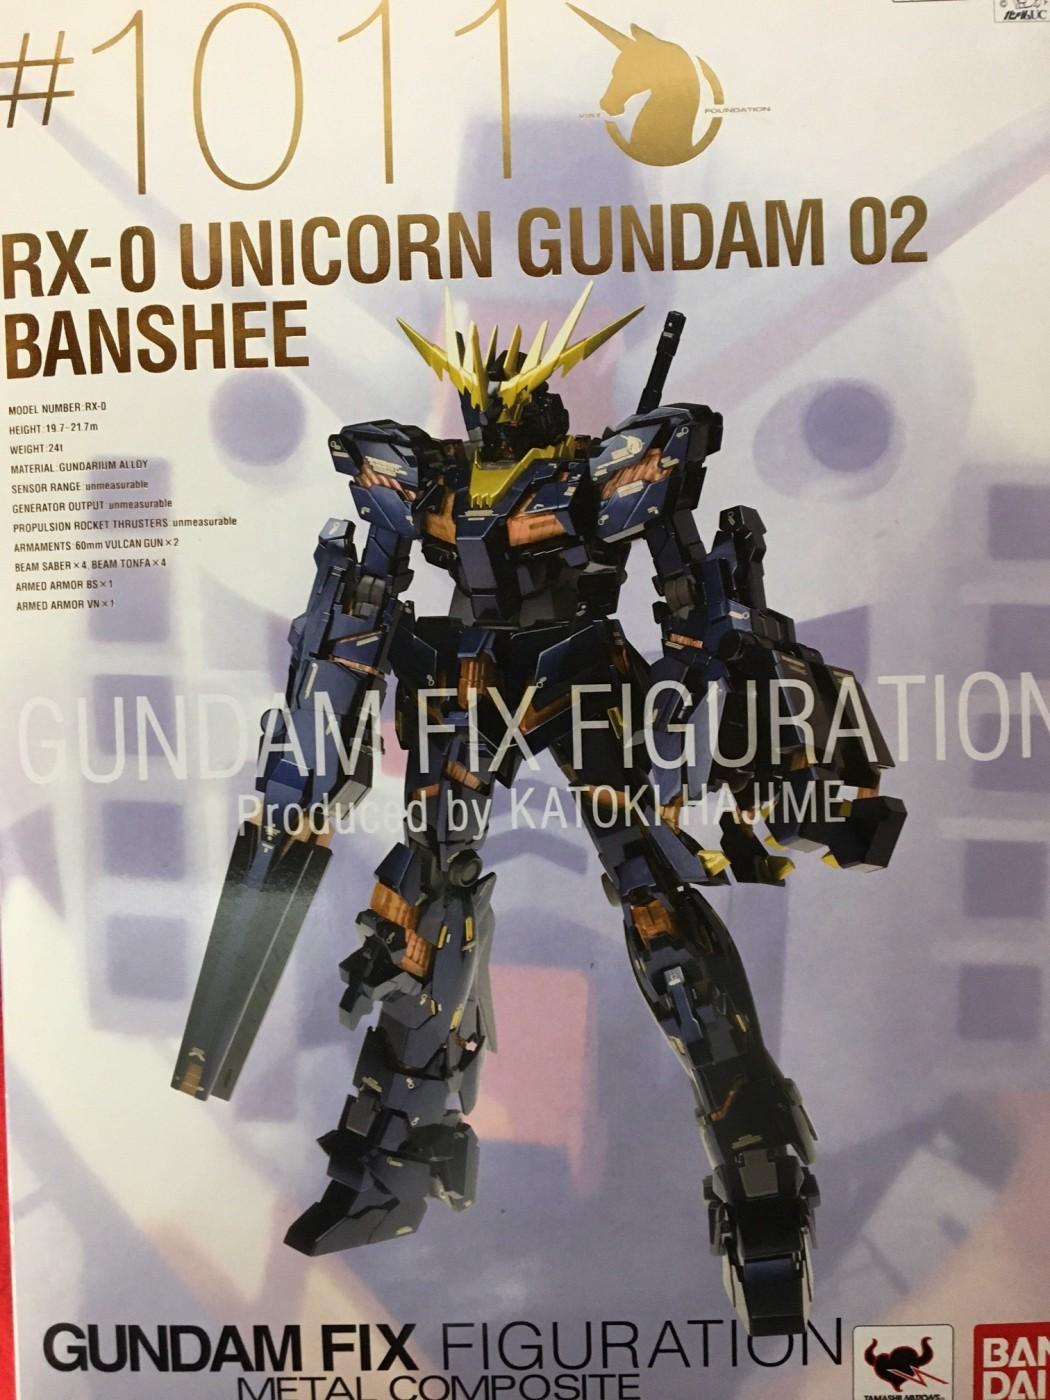 買取情報『バンダイのGUNDAM FIX FIGURATION METAL COMPOSITE RX-0ユニコーンガンダム2号機 バンシィ』